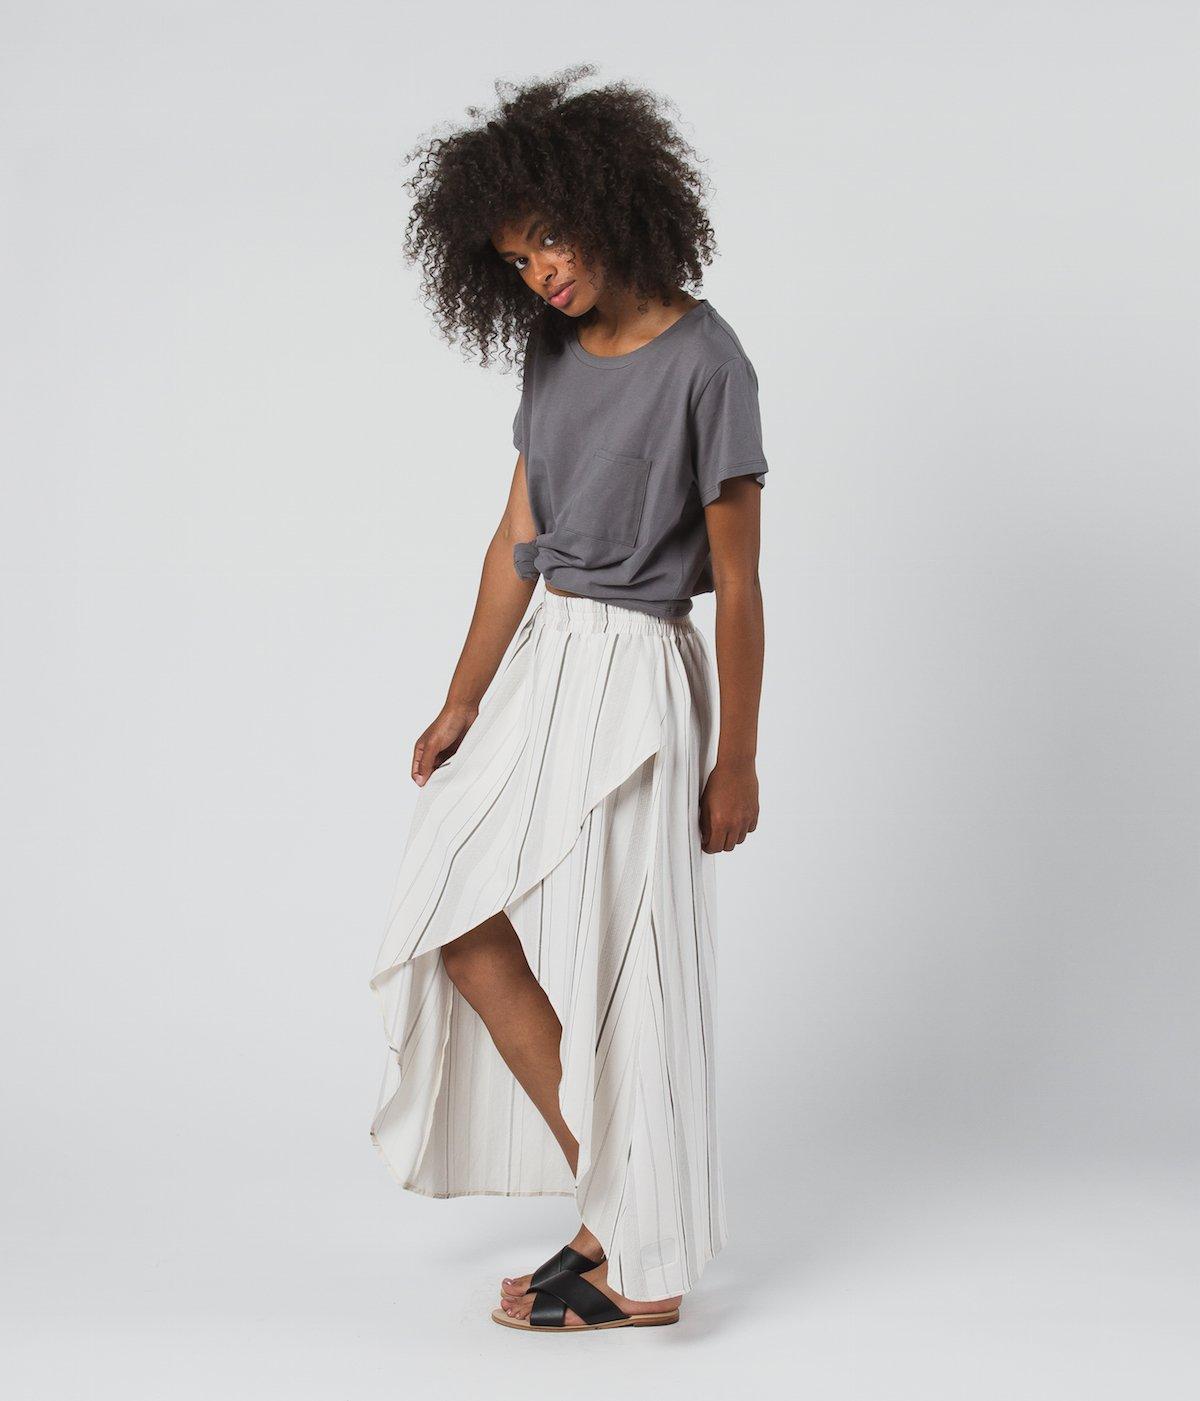 eec8035b7 Good Shopping for Women | Shop DoneGood